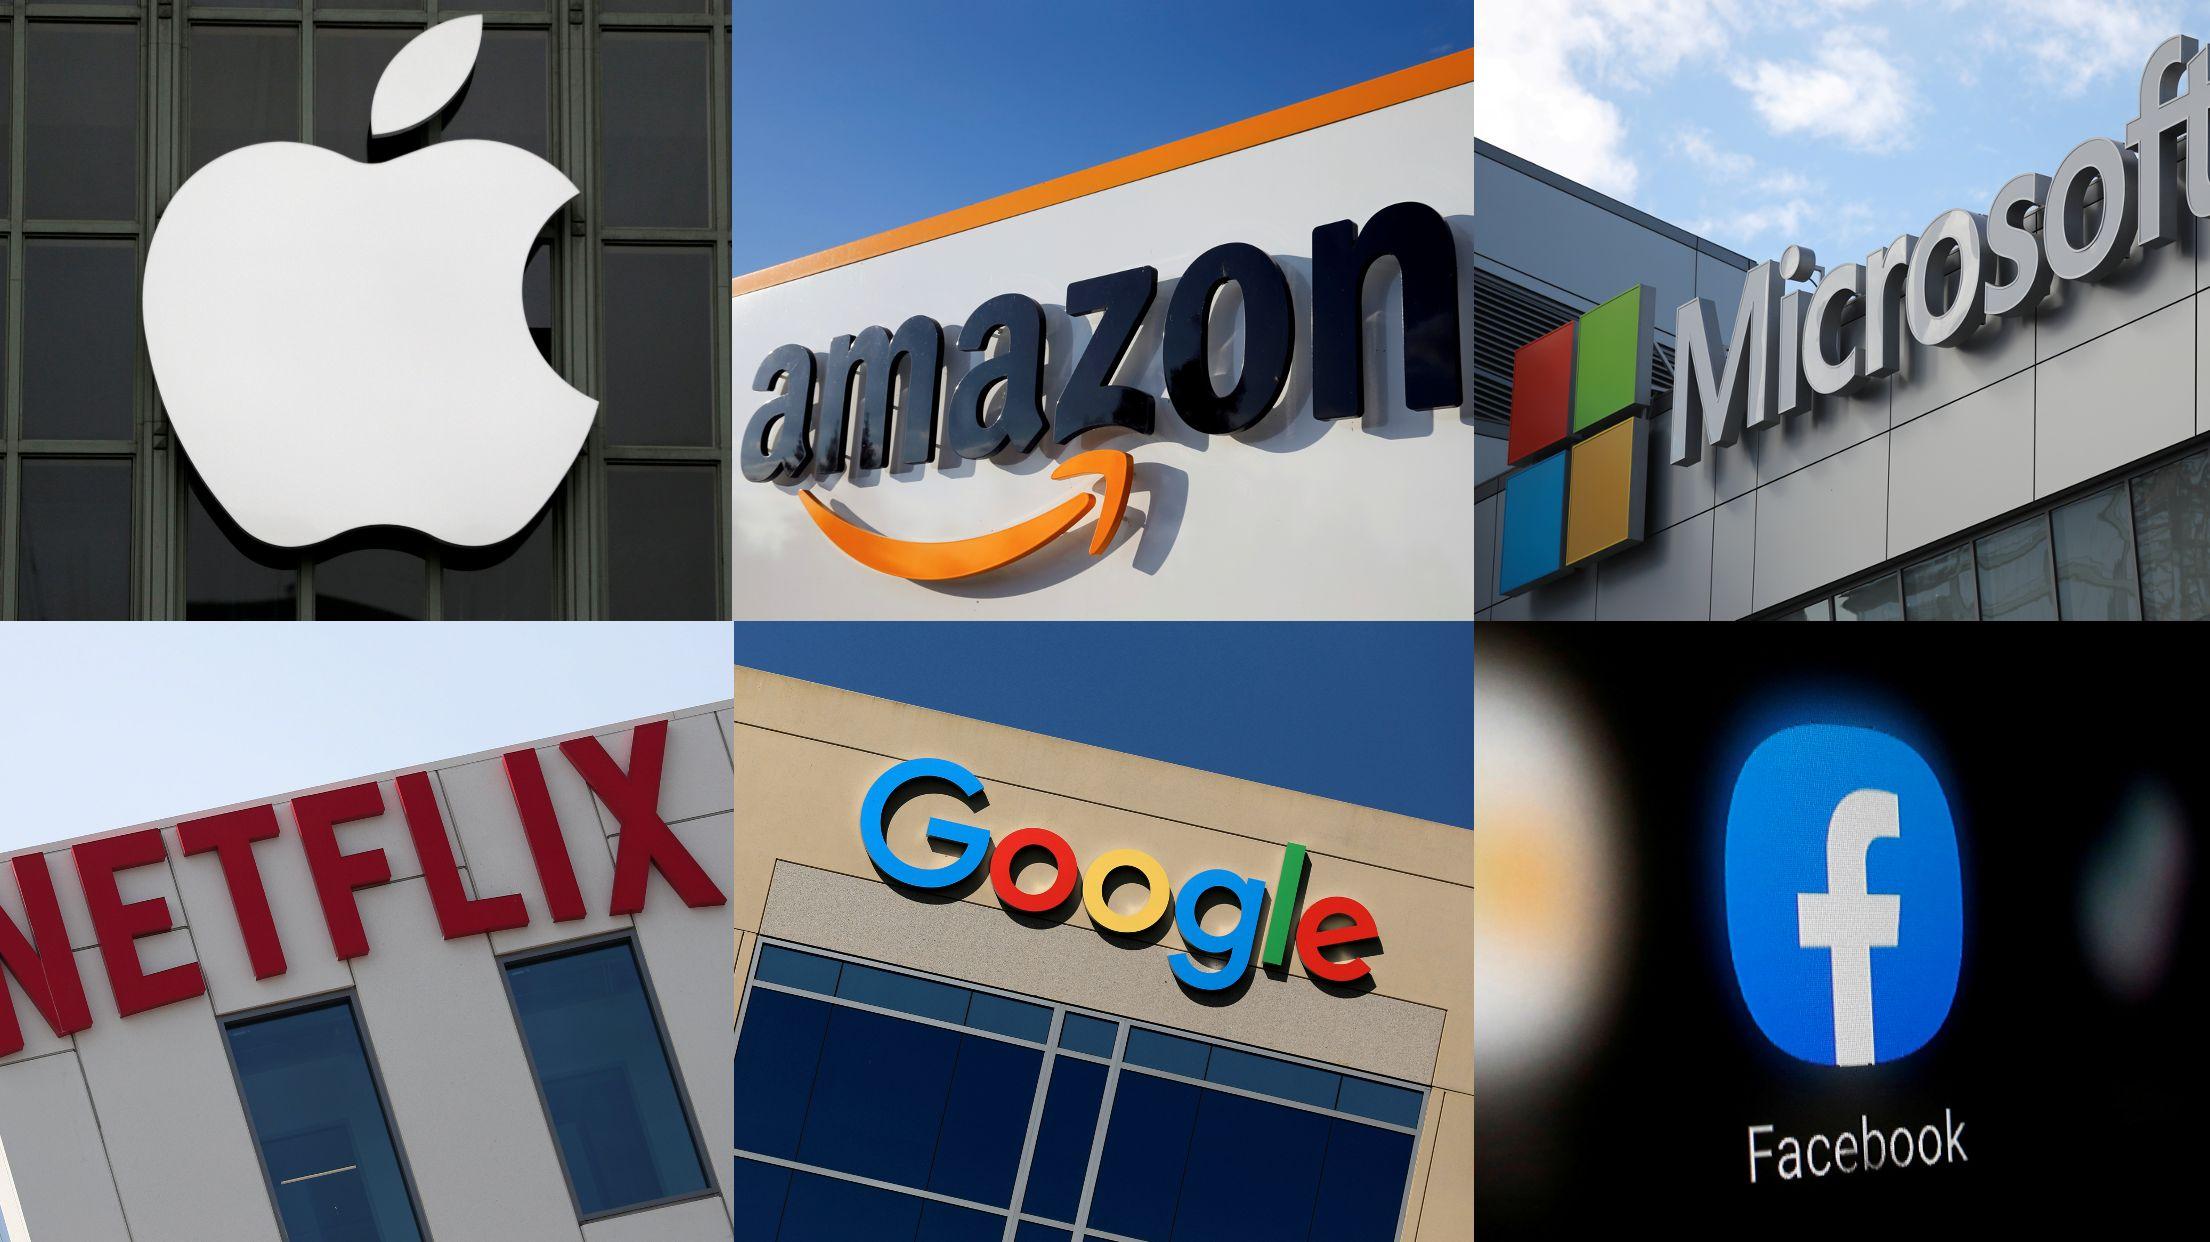 解讀經濟學人,美國,資本主義,民主黨,共和黨,尖牙股公司,臉書,亞馬遜,蘋果,網飛,谷歌,微軟,知識外溢性,廣納式制度,規模經濟,囚犯困境